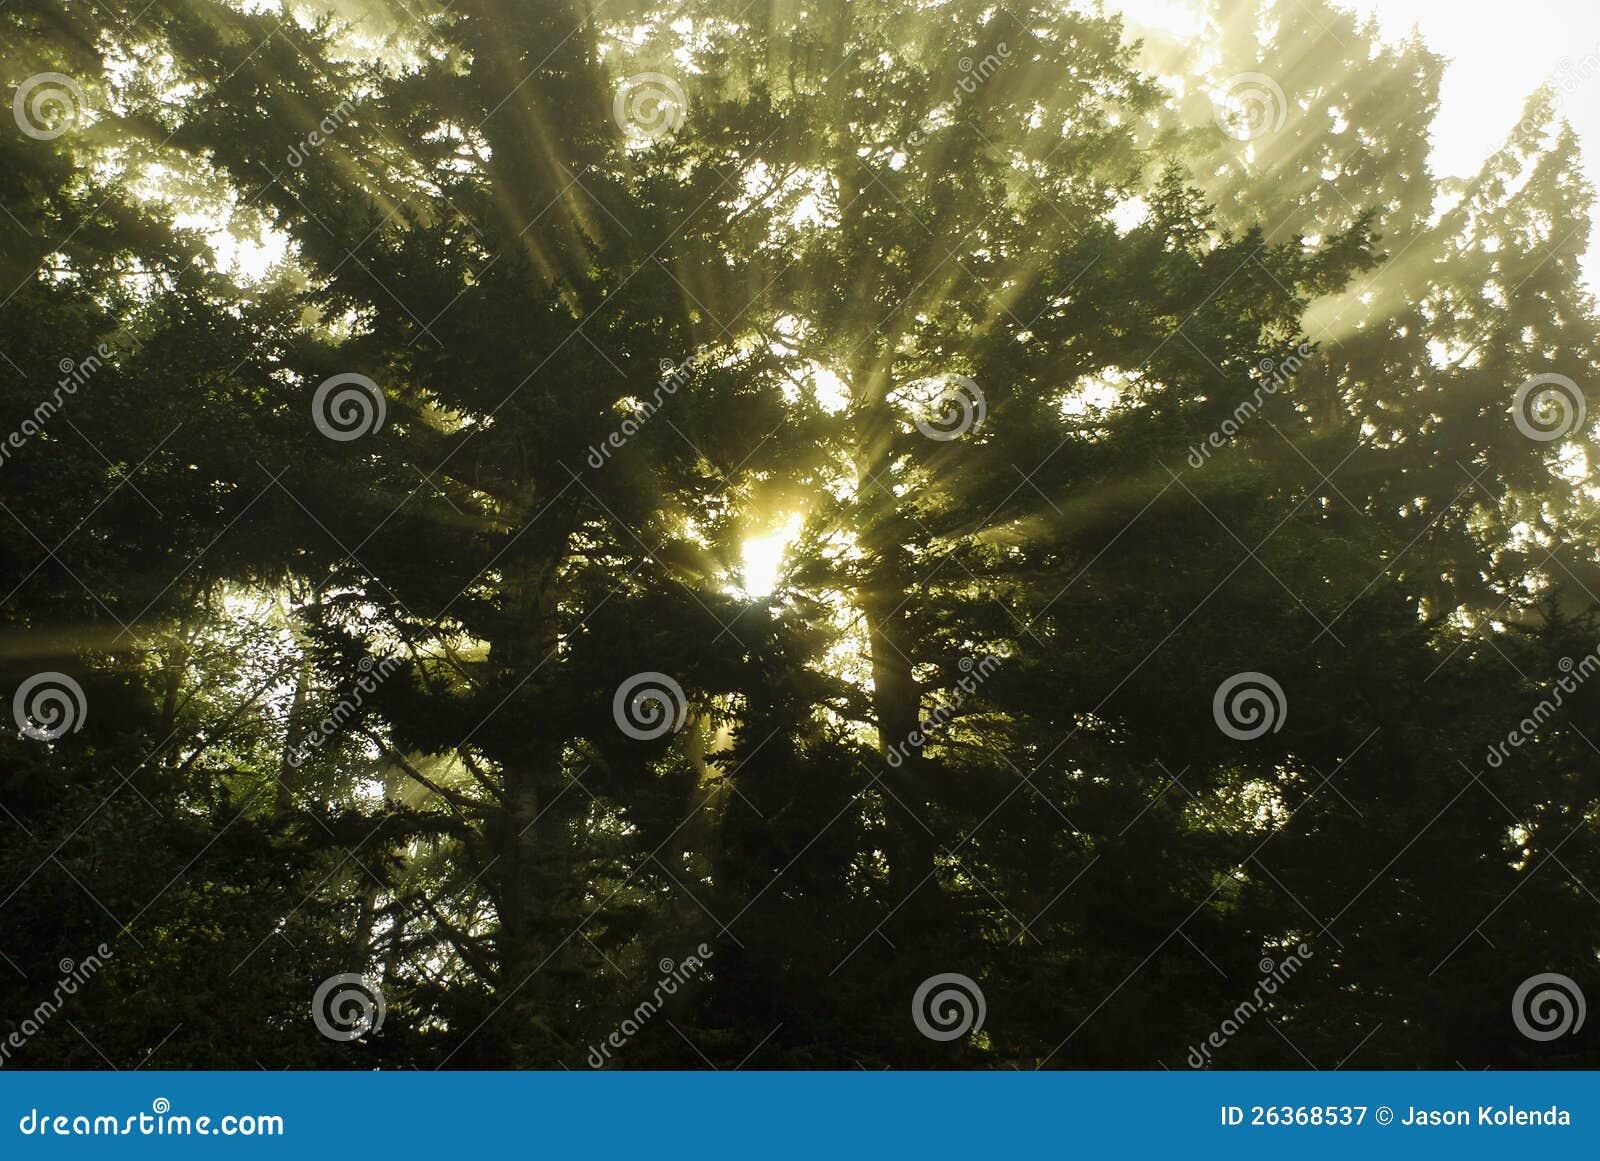 Strahlen des Tageslichtes